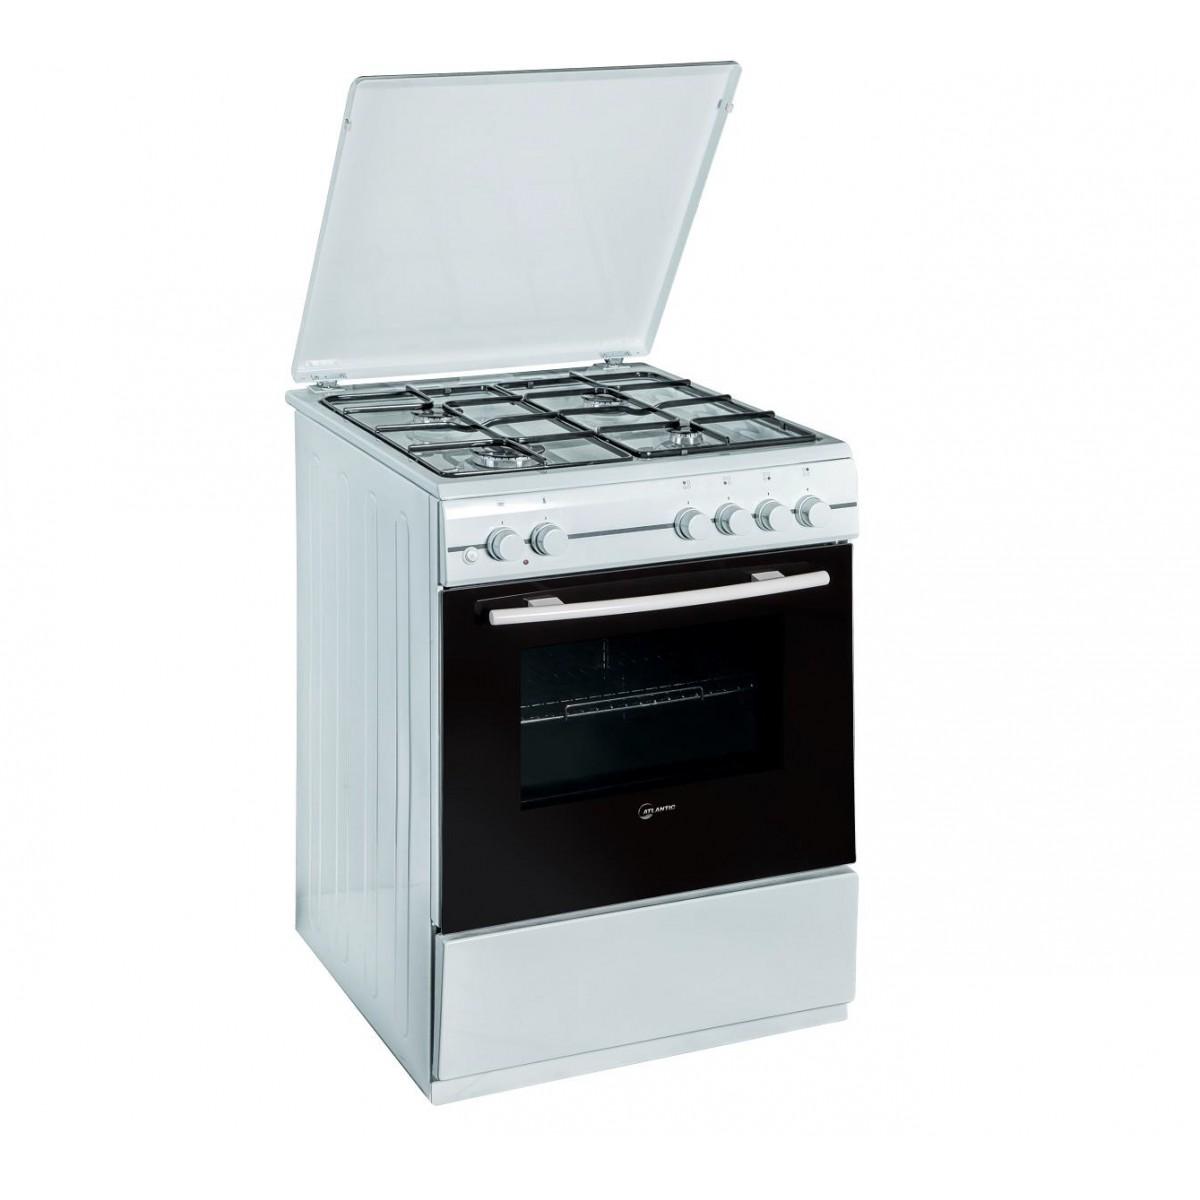 Cucina Atlantic ATMC66E 60x60 Bianca Forno Elettrico Con Grill Elettrico